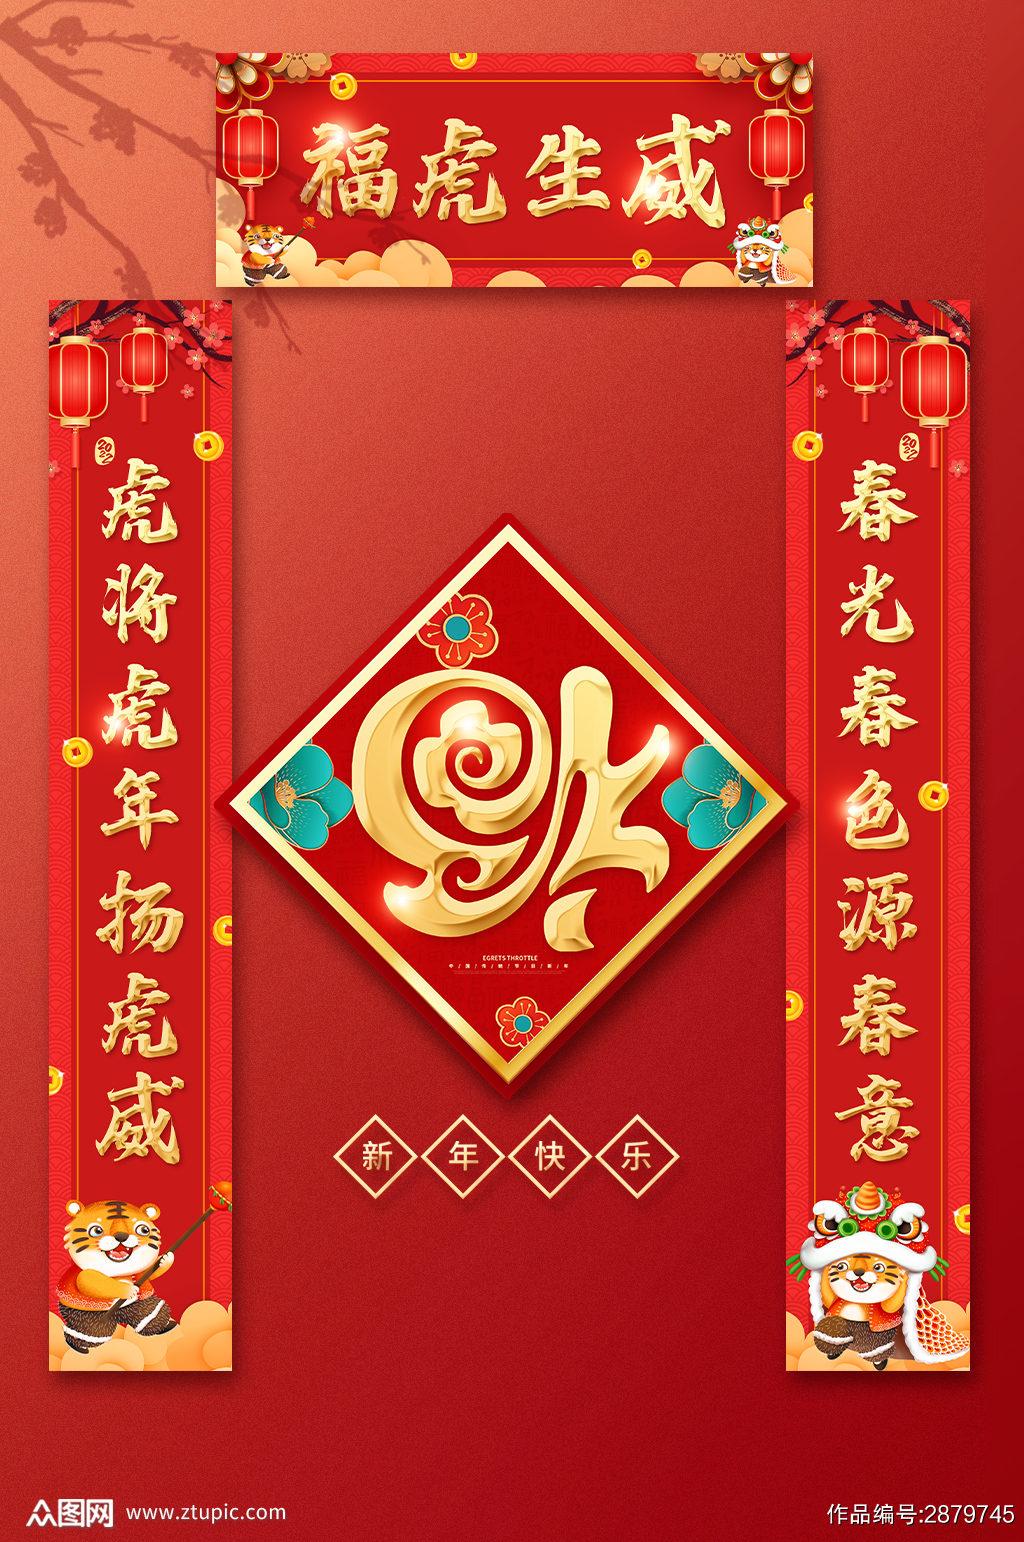 2022年虎年春节对联春节元素素材